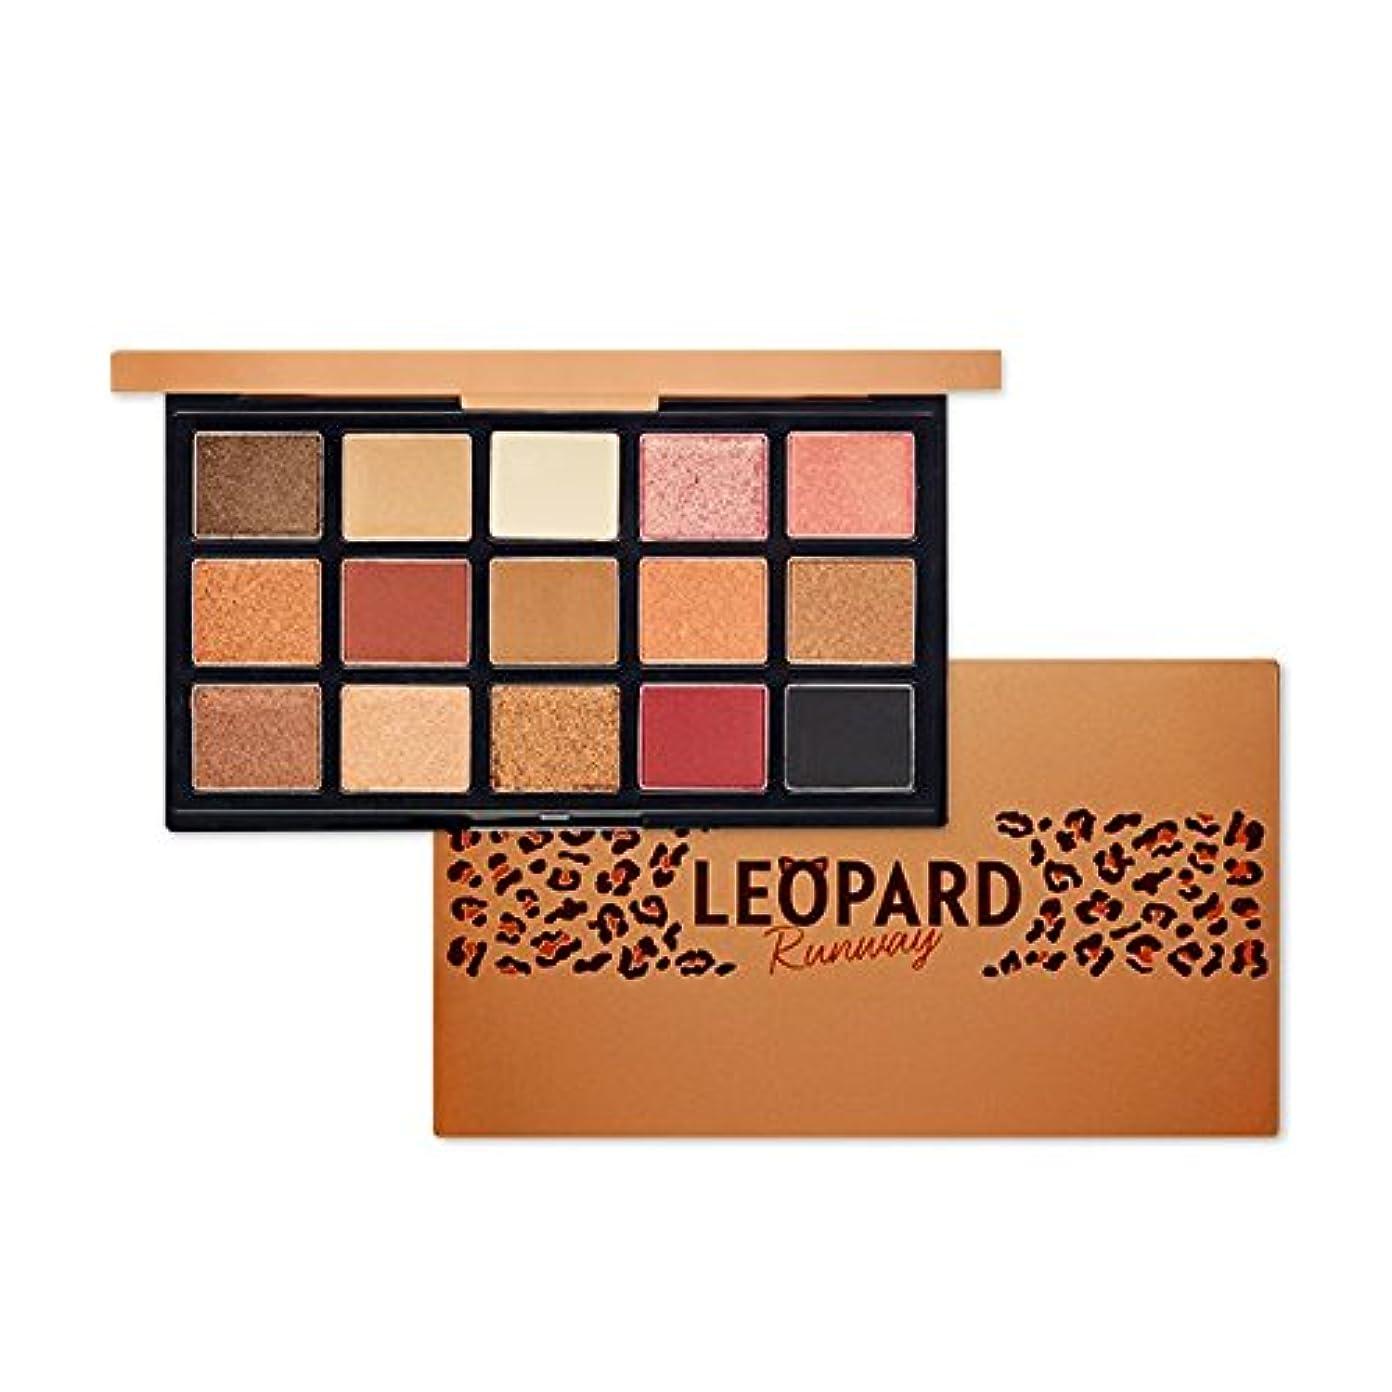 上回る疾患除外するETUDE HOUSE Play Color Eye Palette - Leopard Runway/エチュードハウスプレイカラーアイパレット - レオパードランウェイ [並行輸入品]